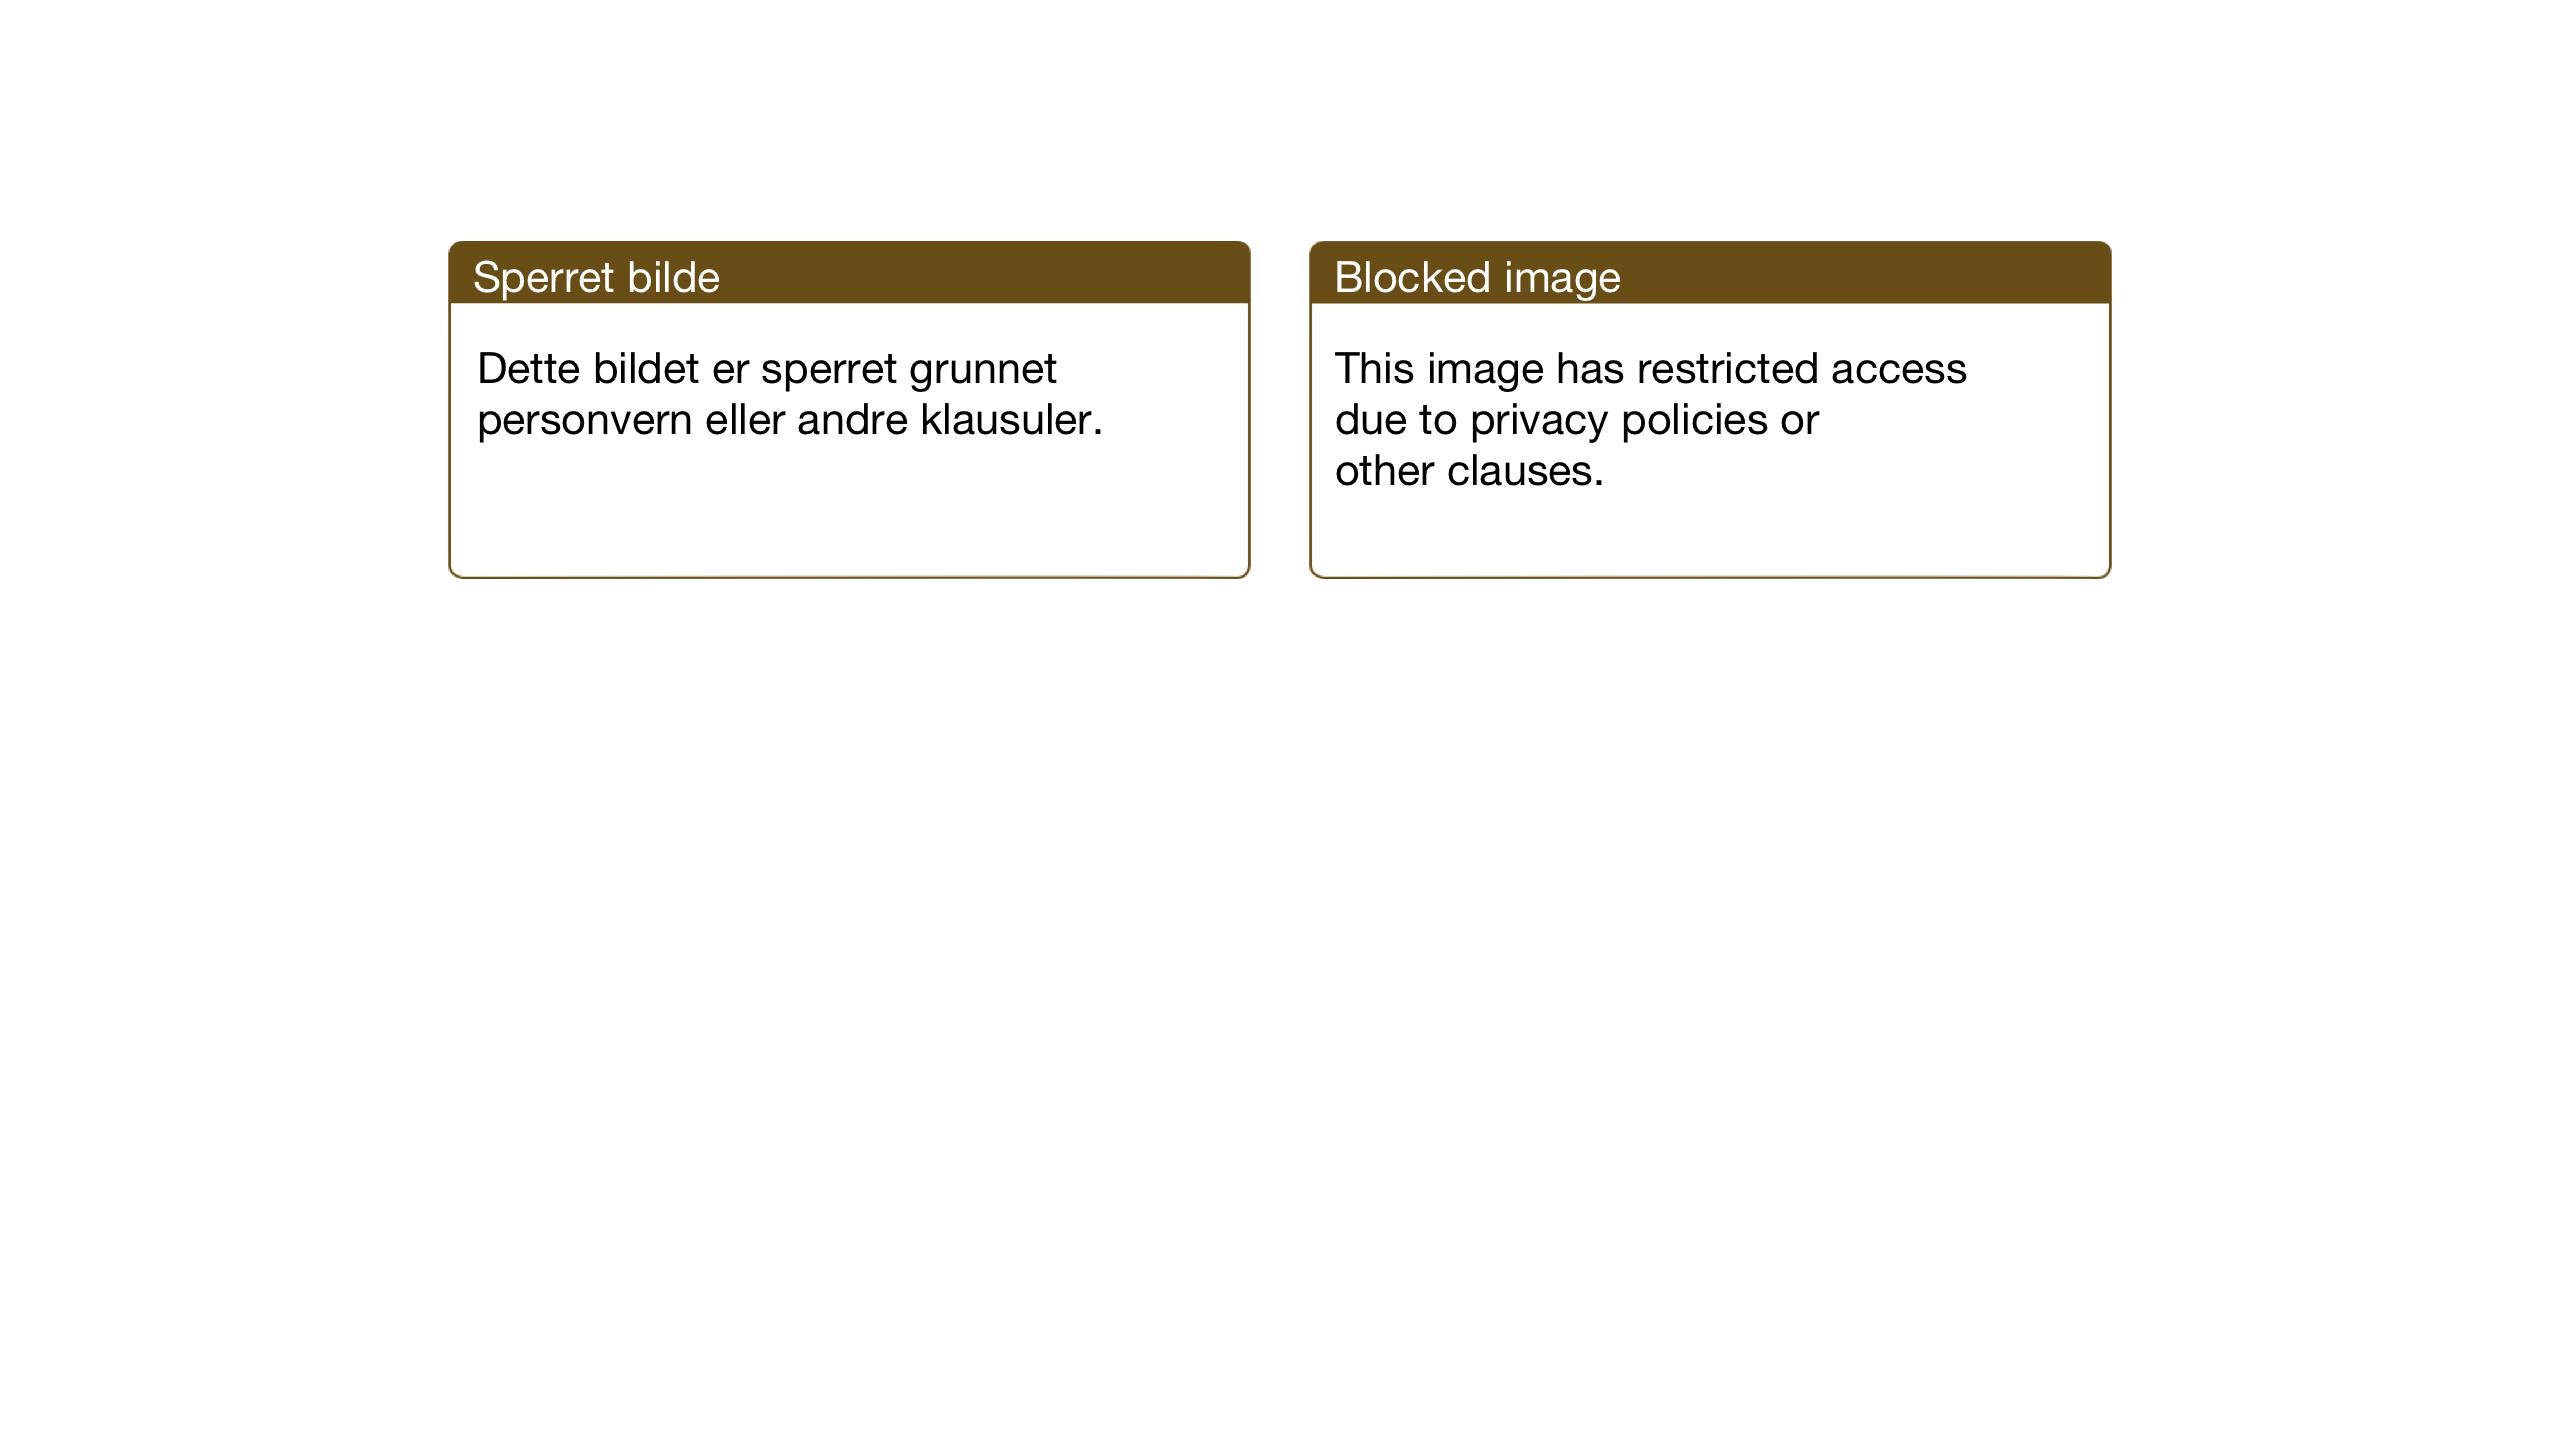 SAT, Ministerialprotokoller, klokkerbøker og fødselsregistre - Nord-Trøndelag, 745/L0434: Klokkerbok nr. 745C03, 1914-1937, s. 62